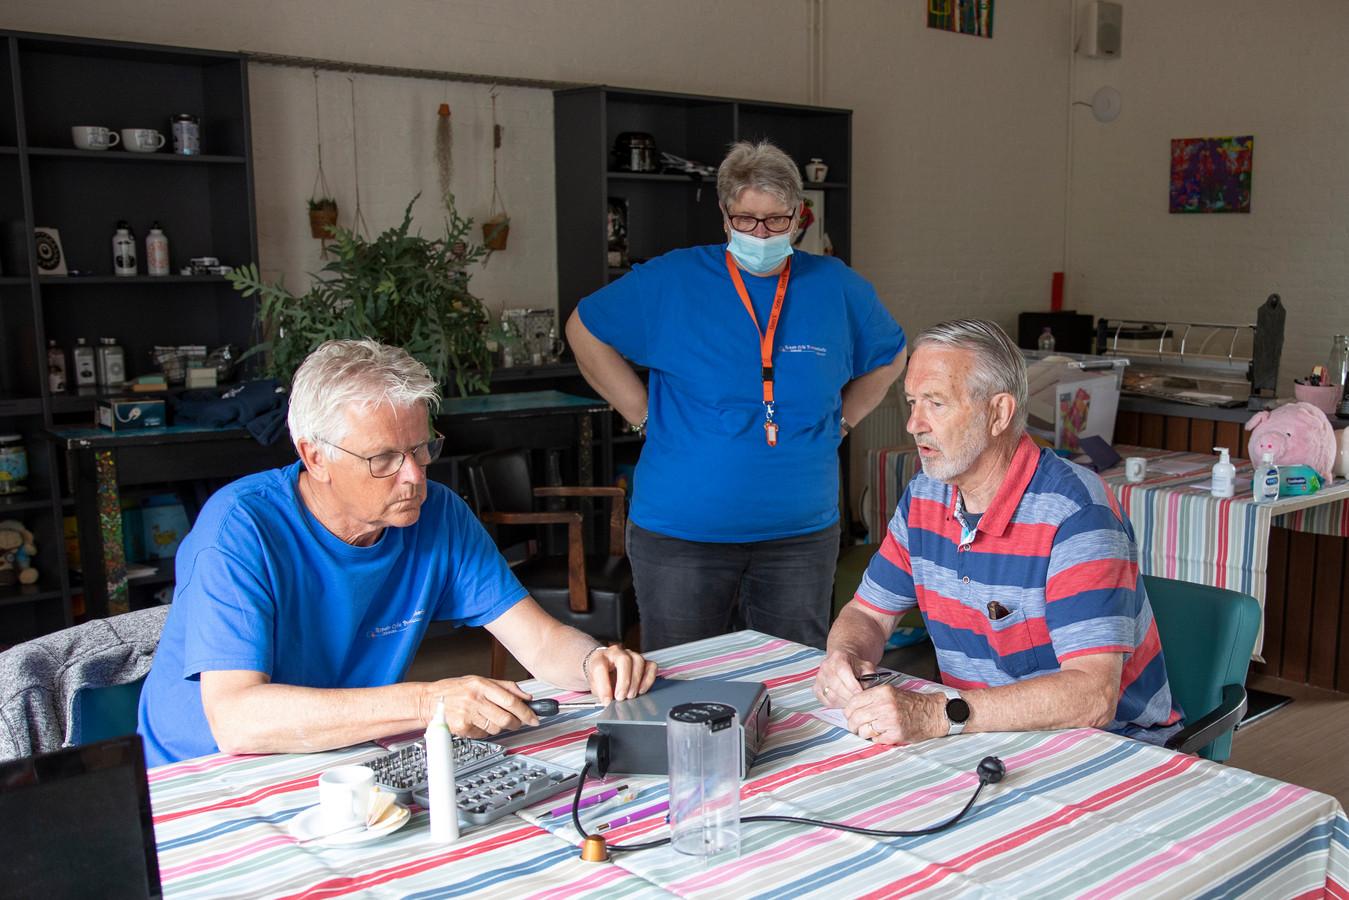 Jan Westerop (rechts) is met zijn koffiezetapparaat naar het repaircafé gekomen. Bas de Vos probeert het eerst maar eens open te maken. Achter kijkt coördinator Marjan van Leeuwen toe.